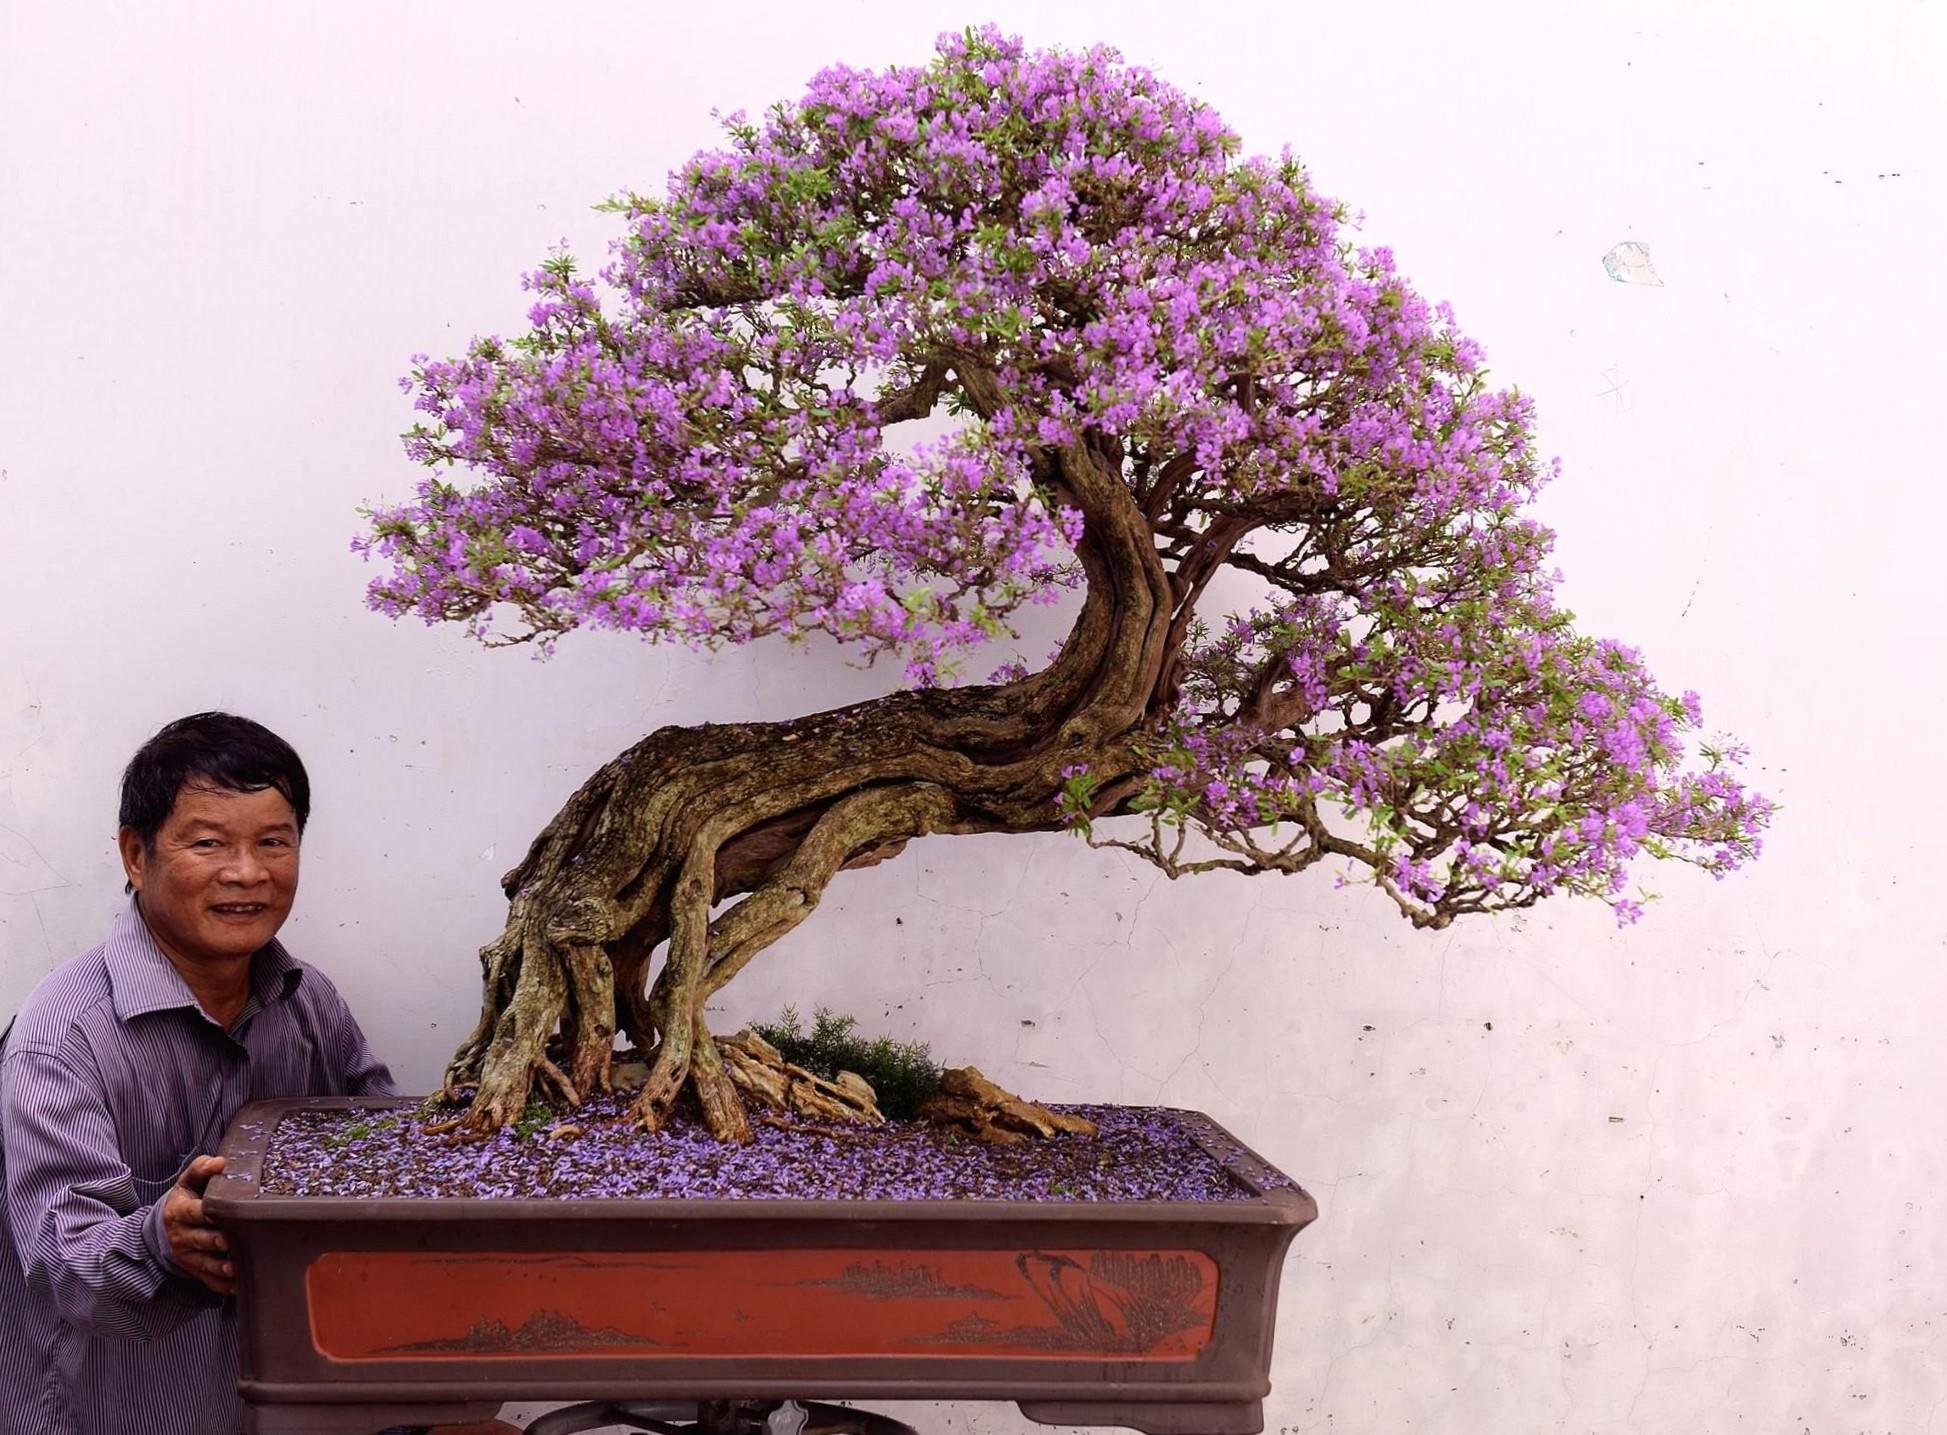 Les bonsaï subtropicaux peuvent résister à des températures un peu plus basses.